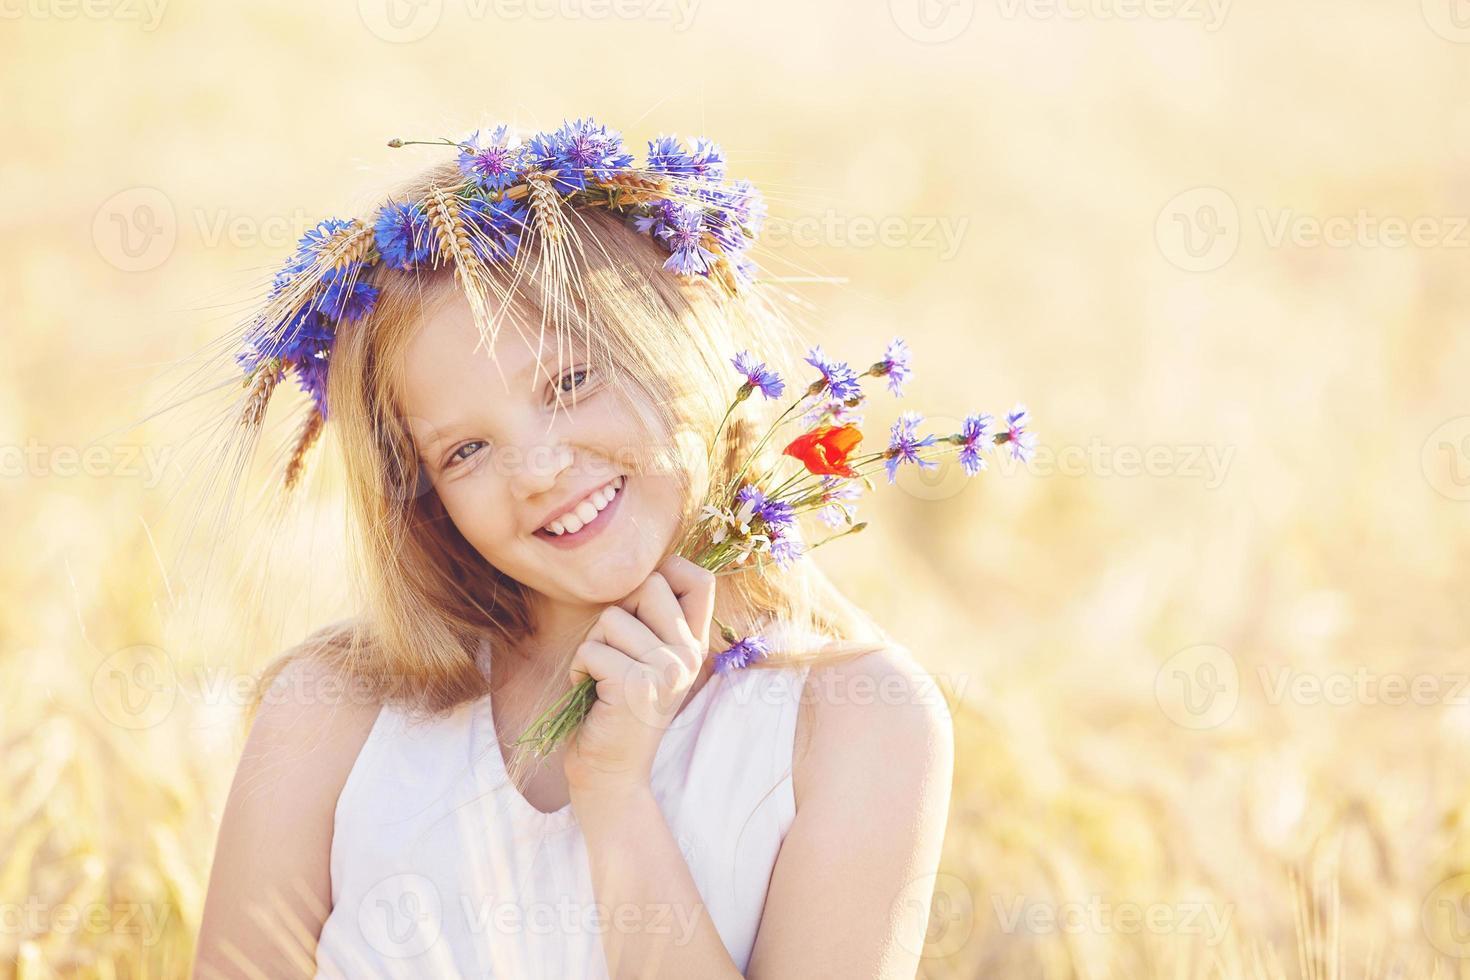 fille heureuse avec une couronne de fleurs au champ de blé d'été photo